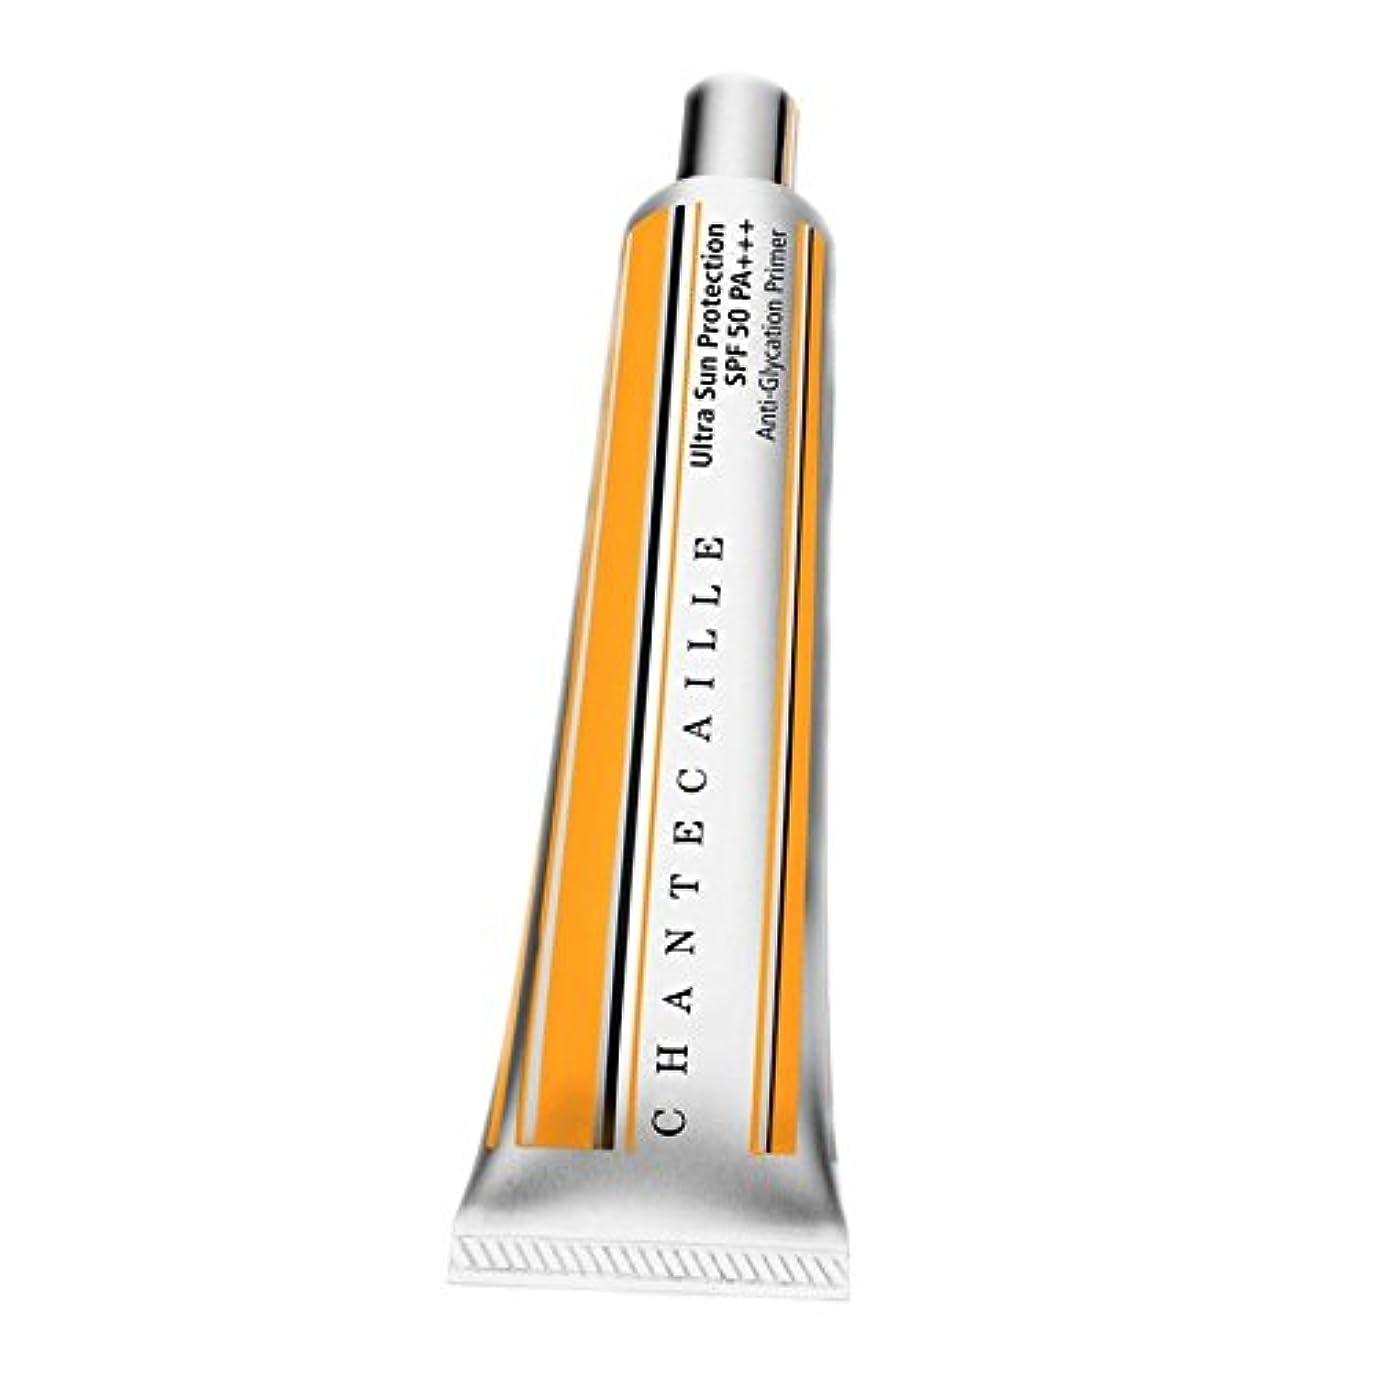 絶望配置アレキサンダーグラハムベルChantecaille Ultra Sun Protection SPF 45 (Pack of 6) - シャンテカイユ超日焼け止め 45 x6 [並行輸入品]